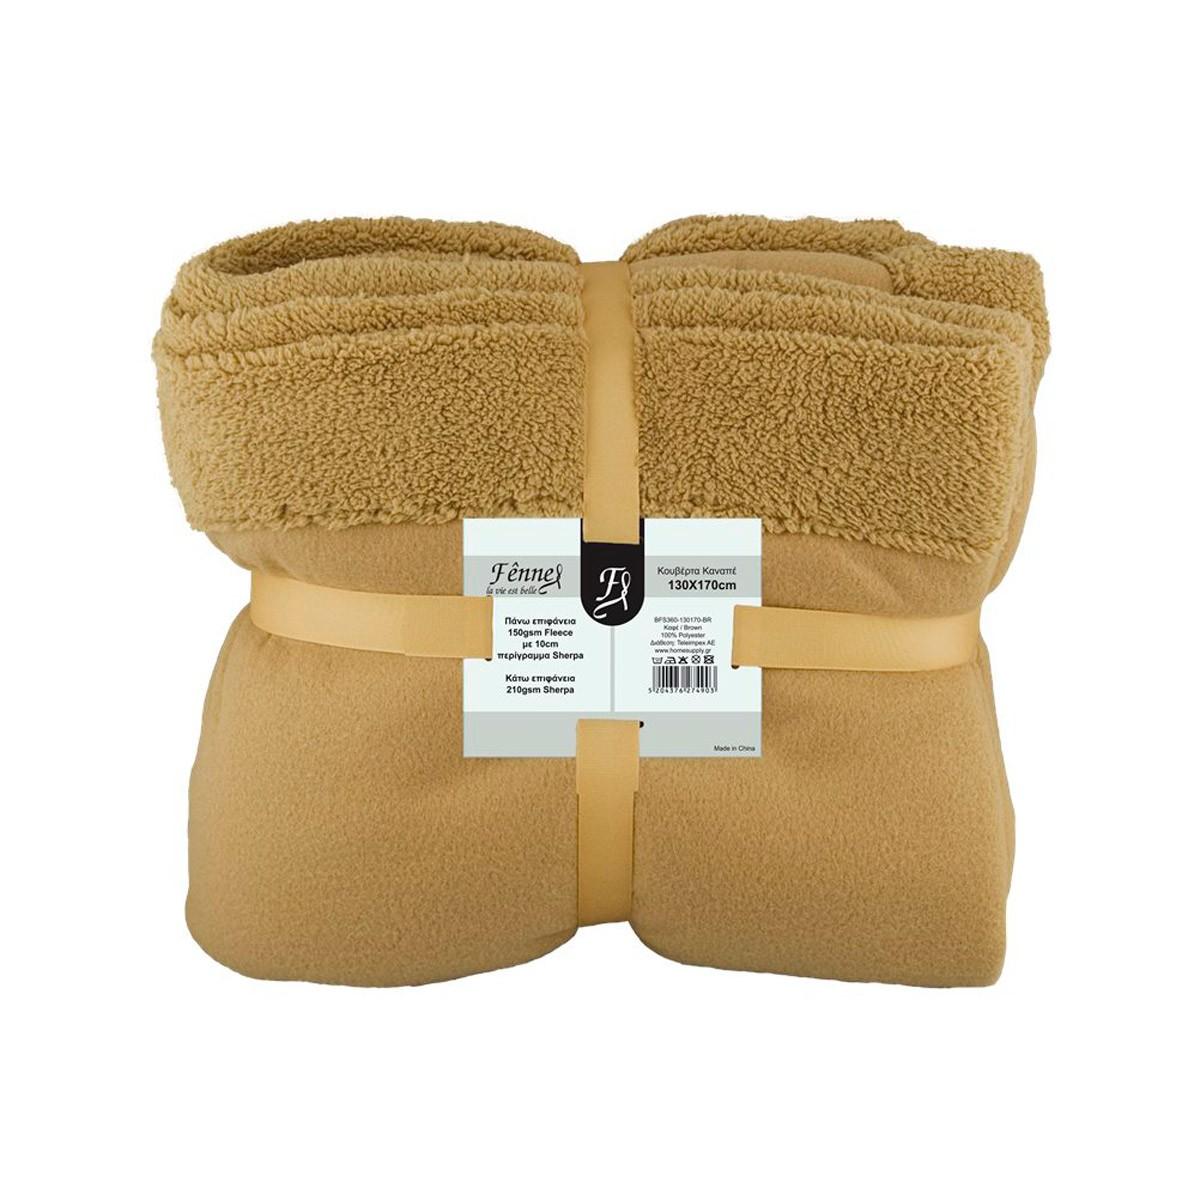 Κουβέρτα Καναπέ Fennel BFS360 Camel Brown 85443